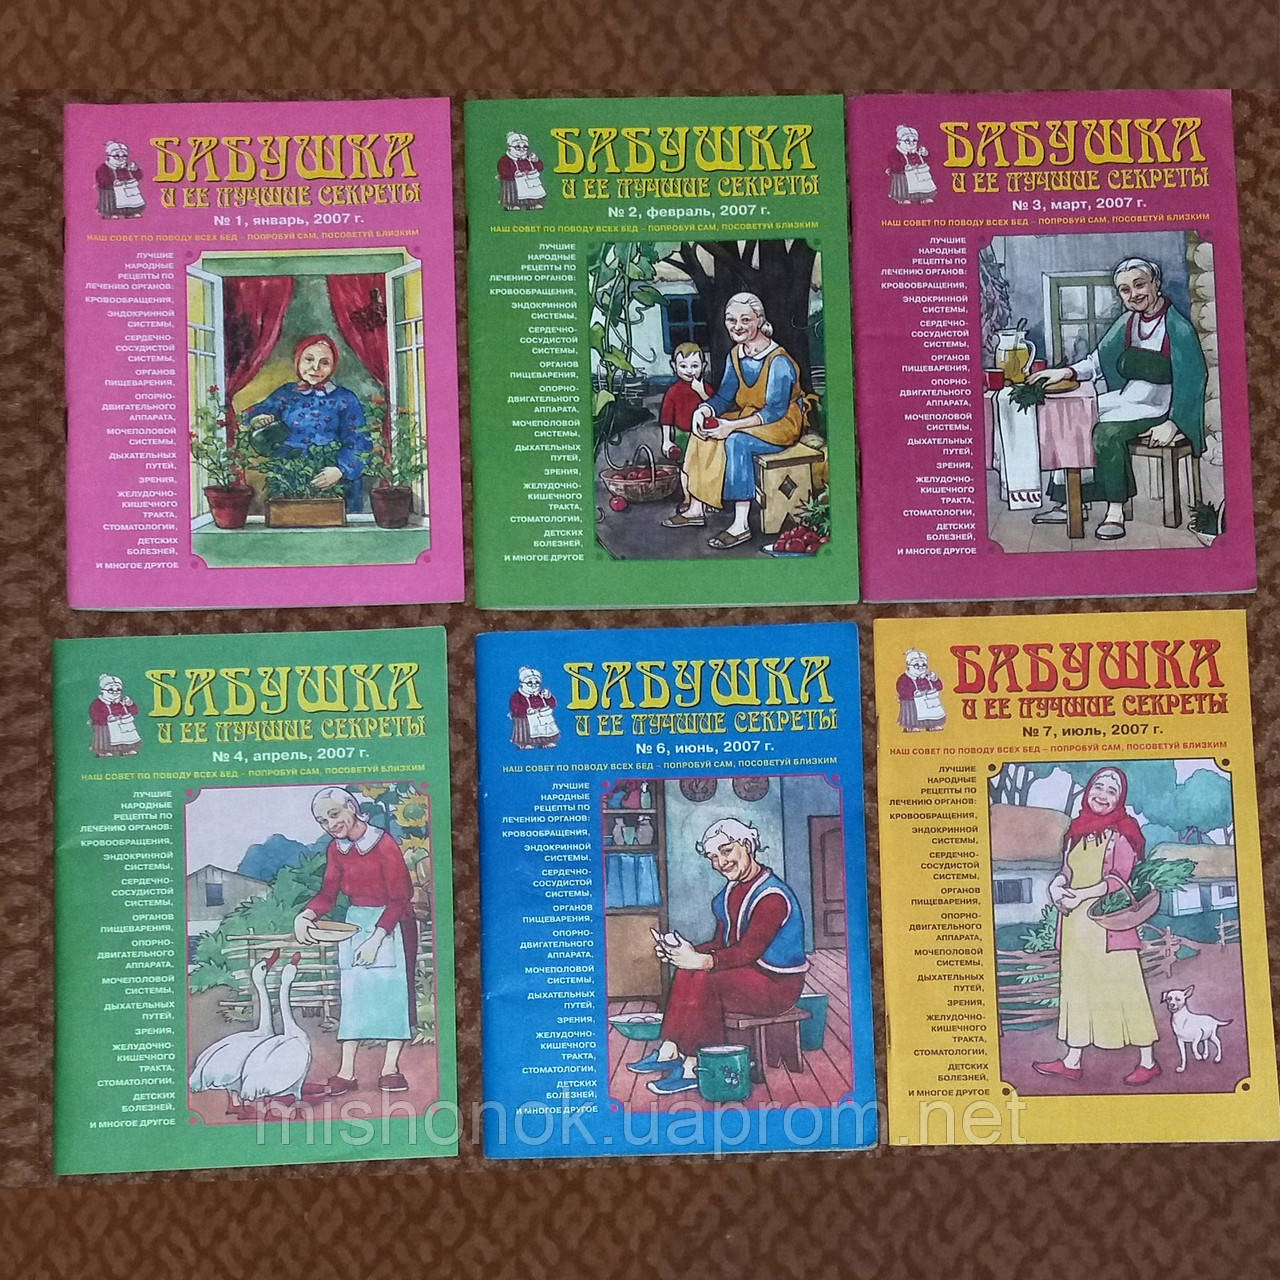 """Библиотека газеты-целительницы """"Бабушка"""" 2007 год Бабушка и ее лучшие секреты 6 шт. - фото 1"""